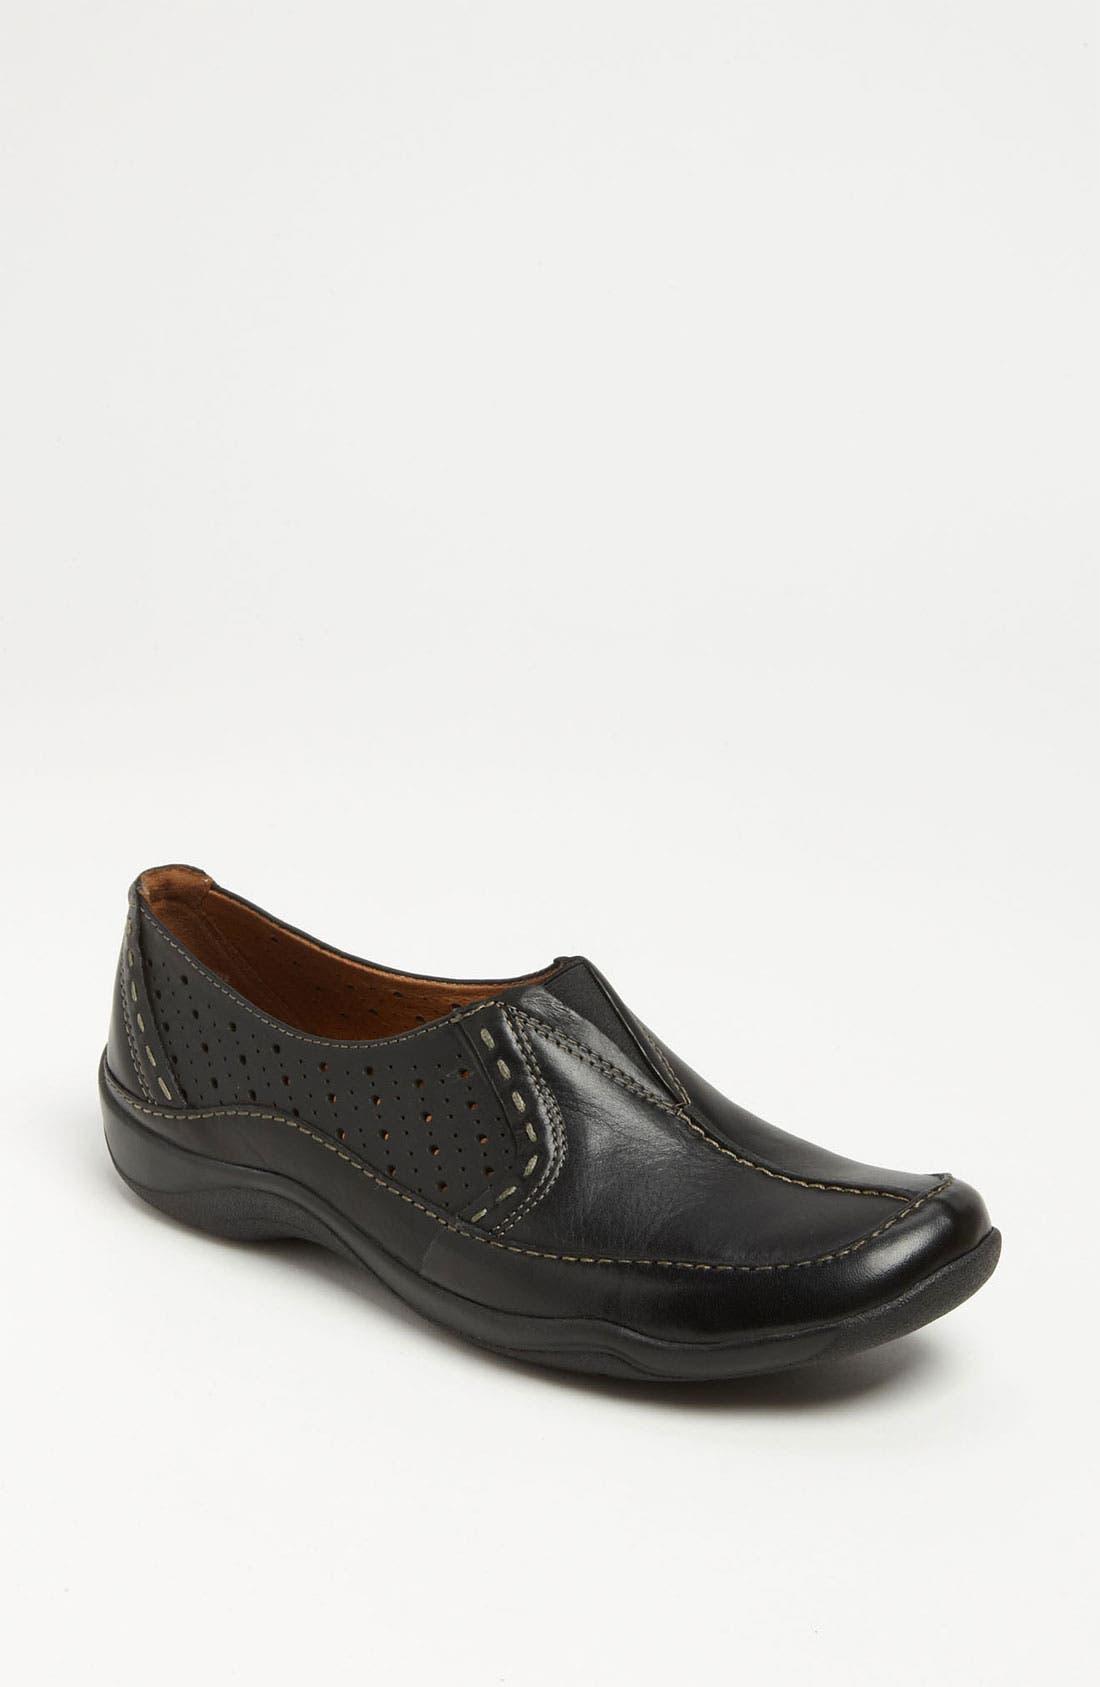 Alternate Image 1 Selected - Clarks® 'Kessa Grace' Sneaker